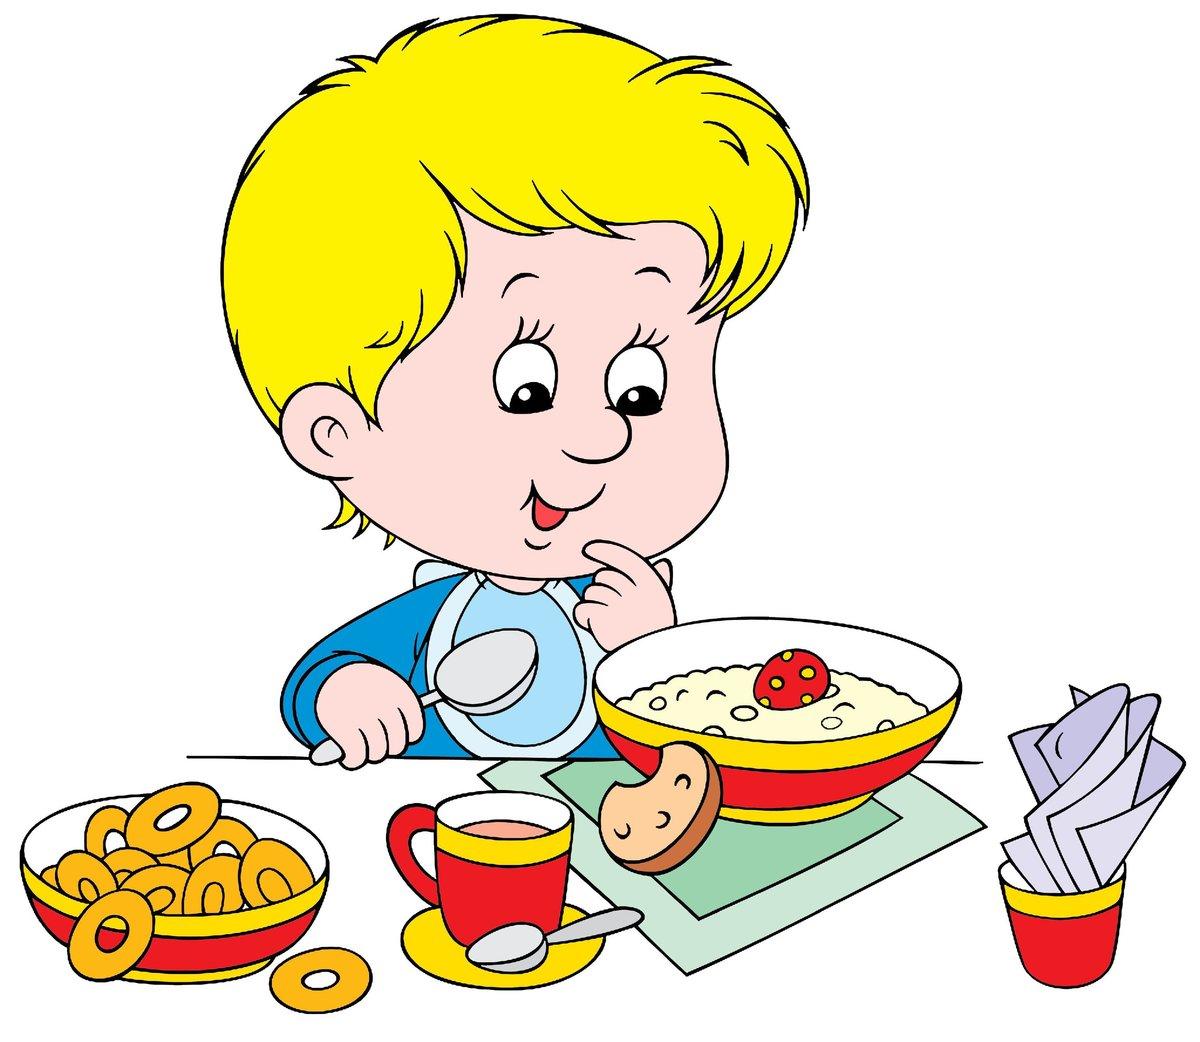 Картинка завтрака для детей